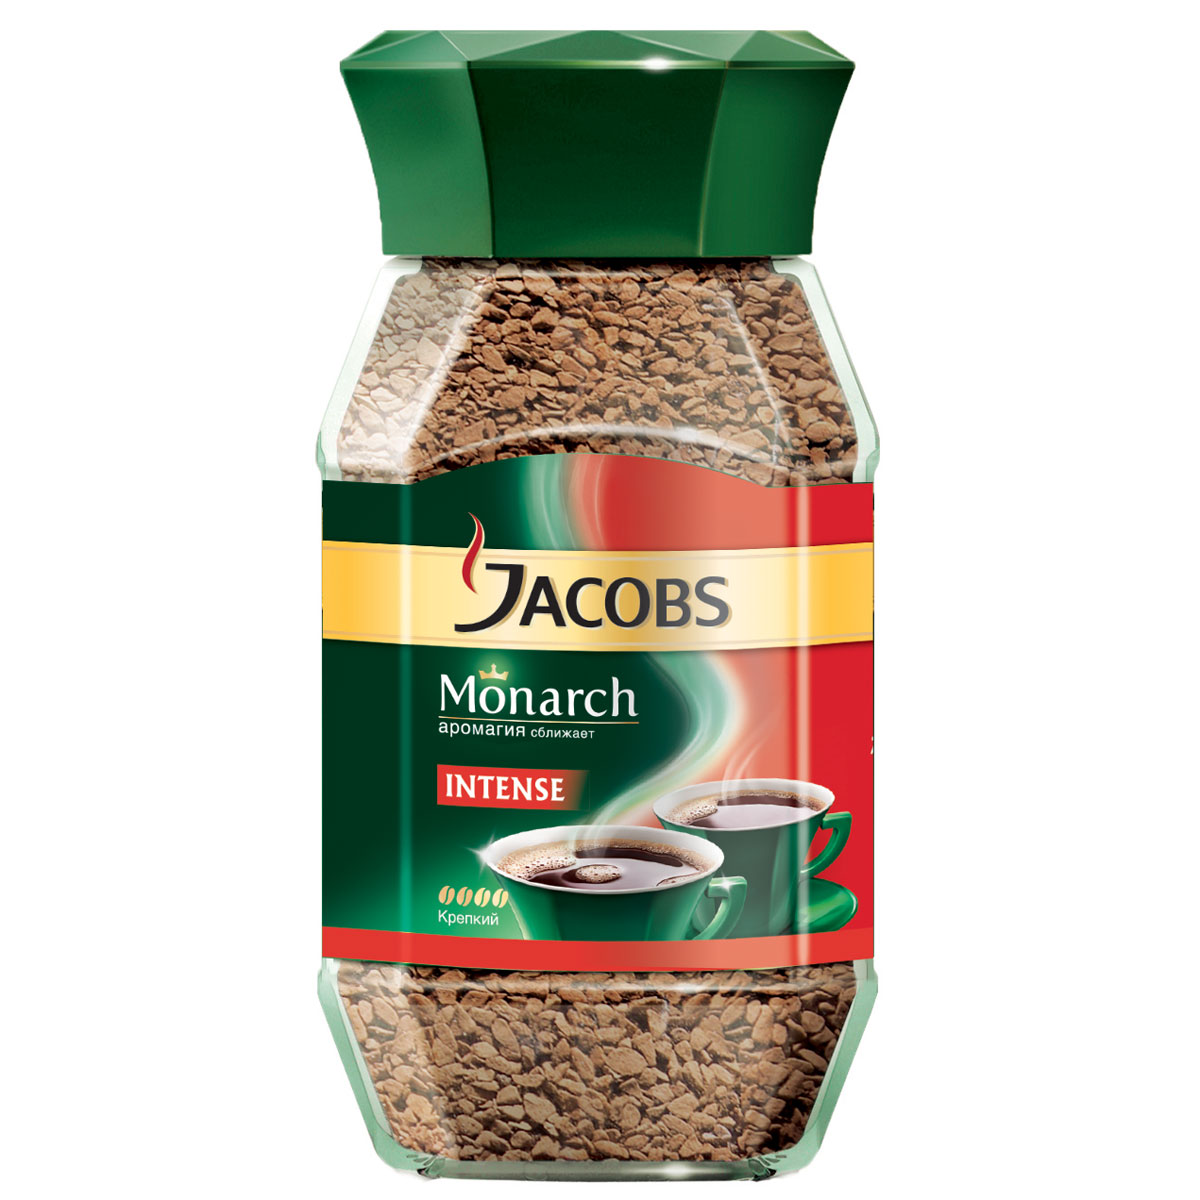 Jacobs Monarch Intense кофе растворимый, 47,5 г960972Jacobs Monarch Intense обладает наиболее крепким вкусом и притягательным ароматом в линейке Jacobs Monarch благодаря глубокой обжарке тщательно отобранных кофейных зерен. Приготовите кофе Jacobs Monarch Intense для себя и своих близких и почувствуйте, как его Аромагия заполняет все вокруг, создавая особую атмосферу теплоты общения.Jacobs Monarch. Аромагия сближает!